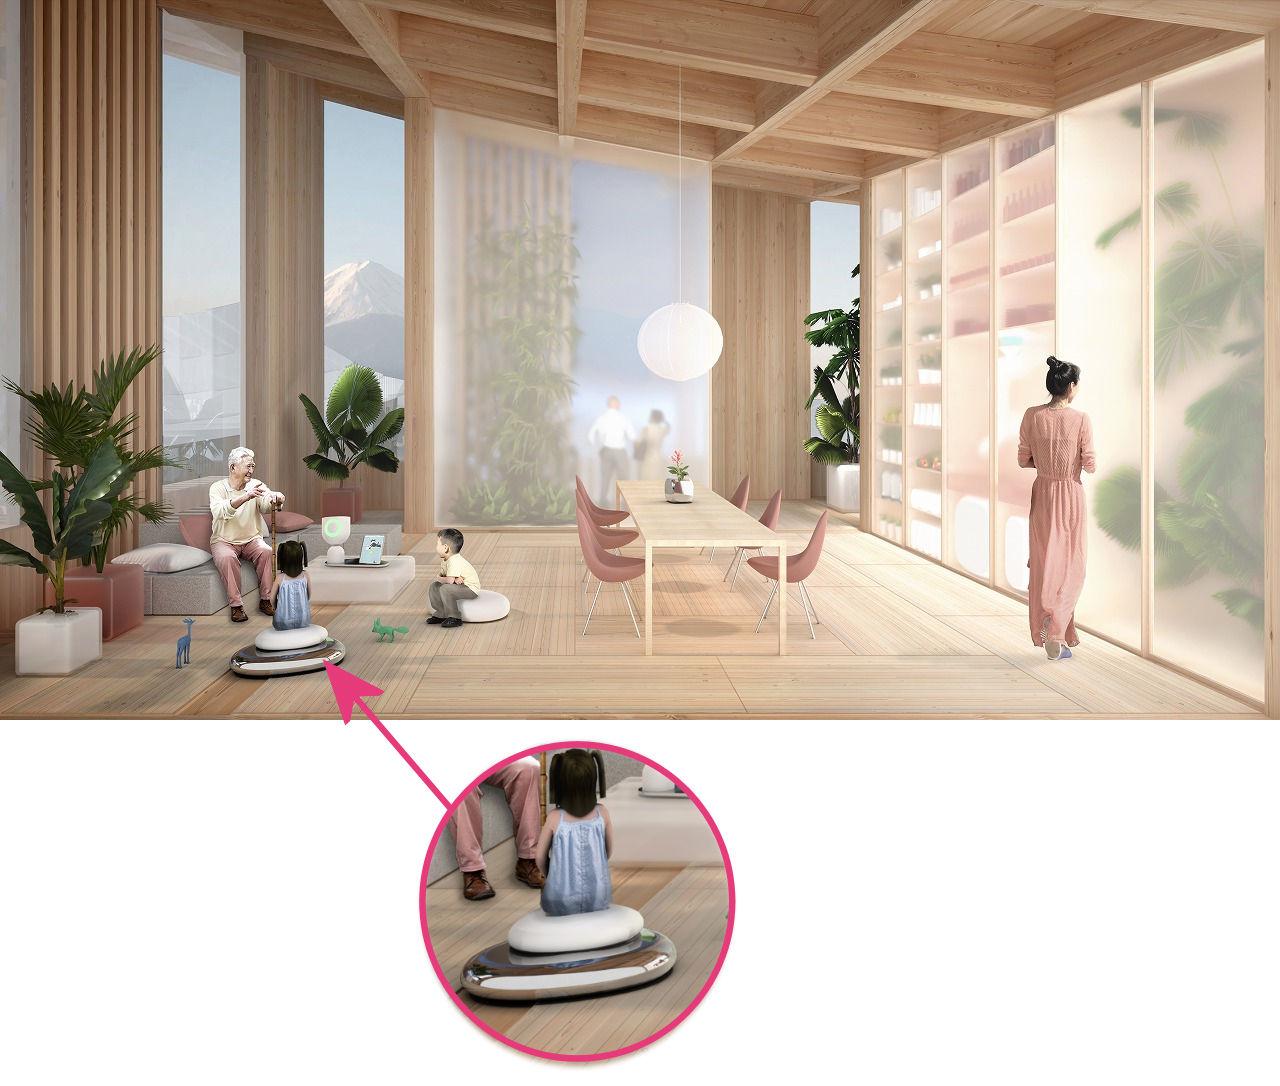 """家族団らんのシーンに登場する""""動く座布団""""らしきもの。室内のモビリティーの進化について、想像は膨らみます"""